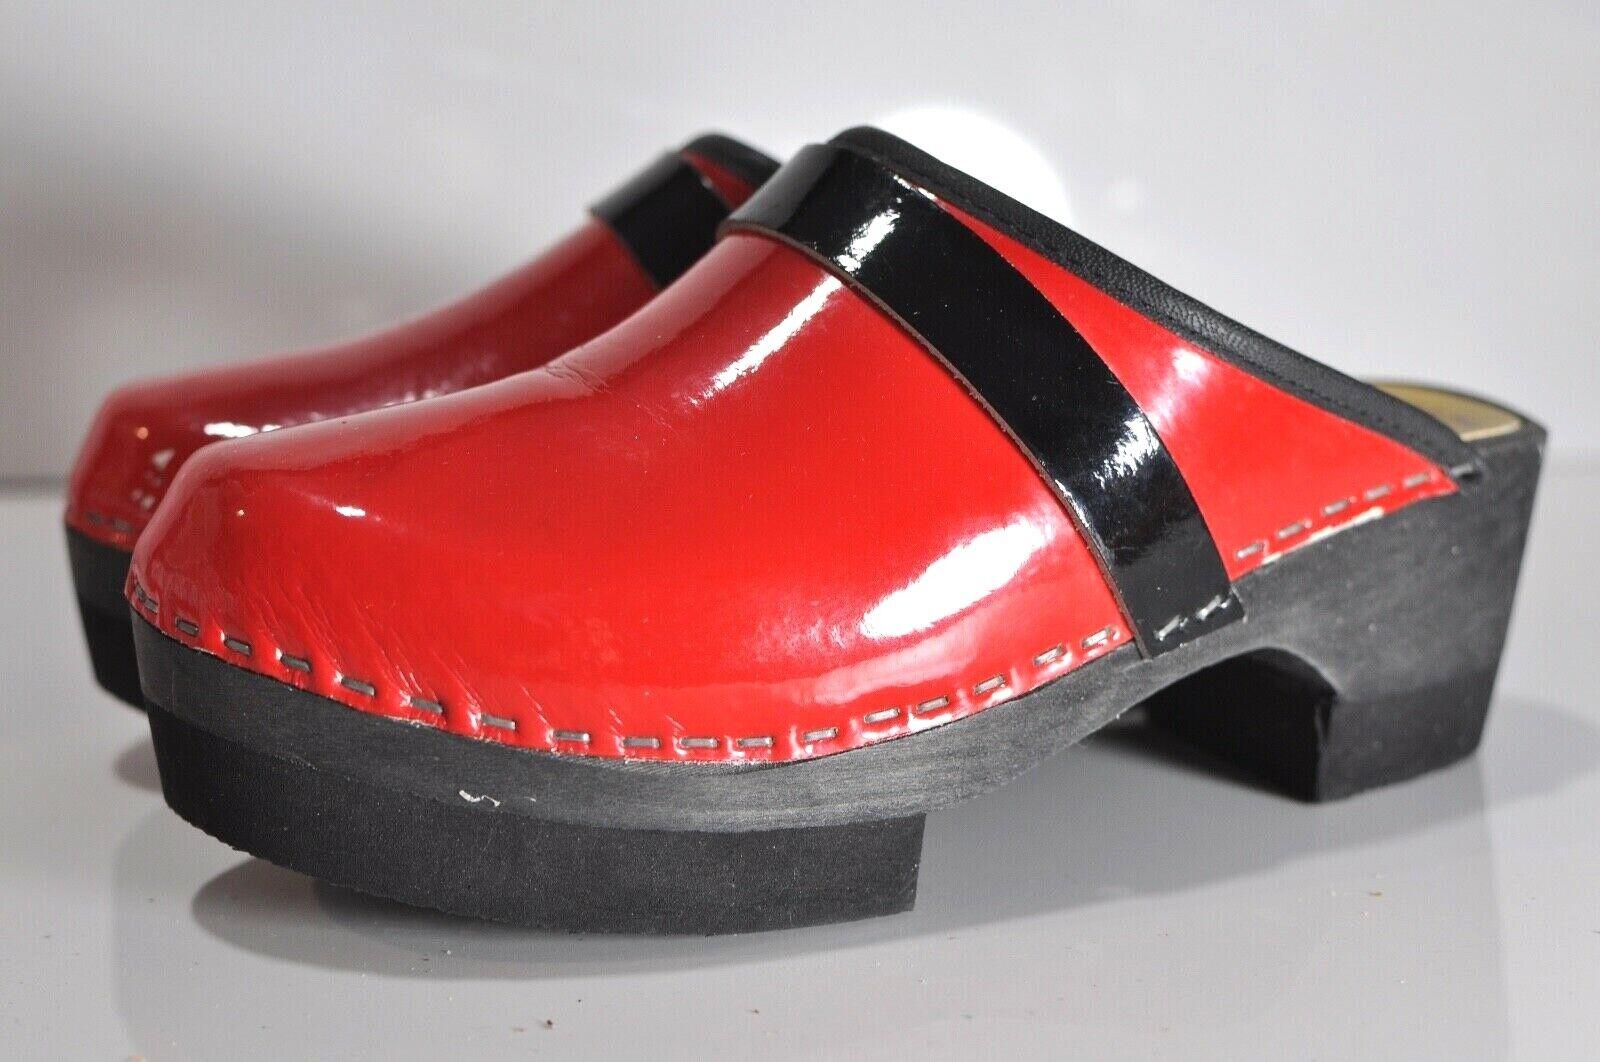 Regatearle Zuecos rojo tamaño 36 36 36 Hecho En Suecia  precios mas baratos